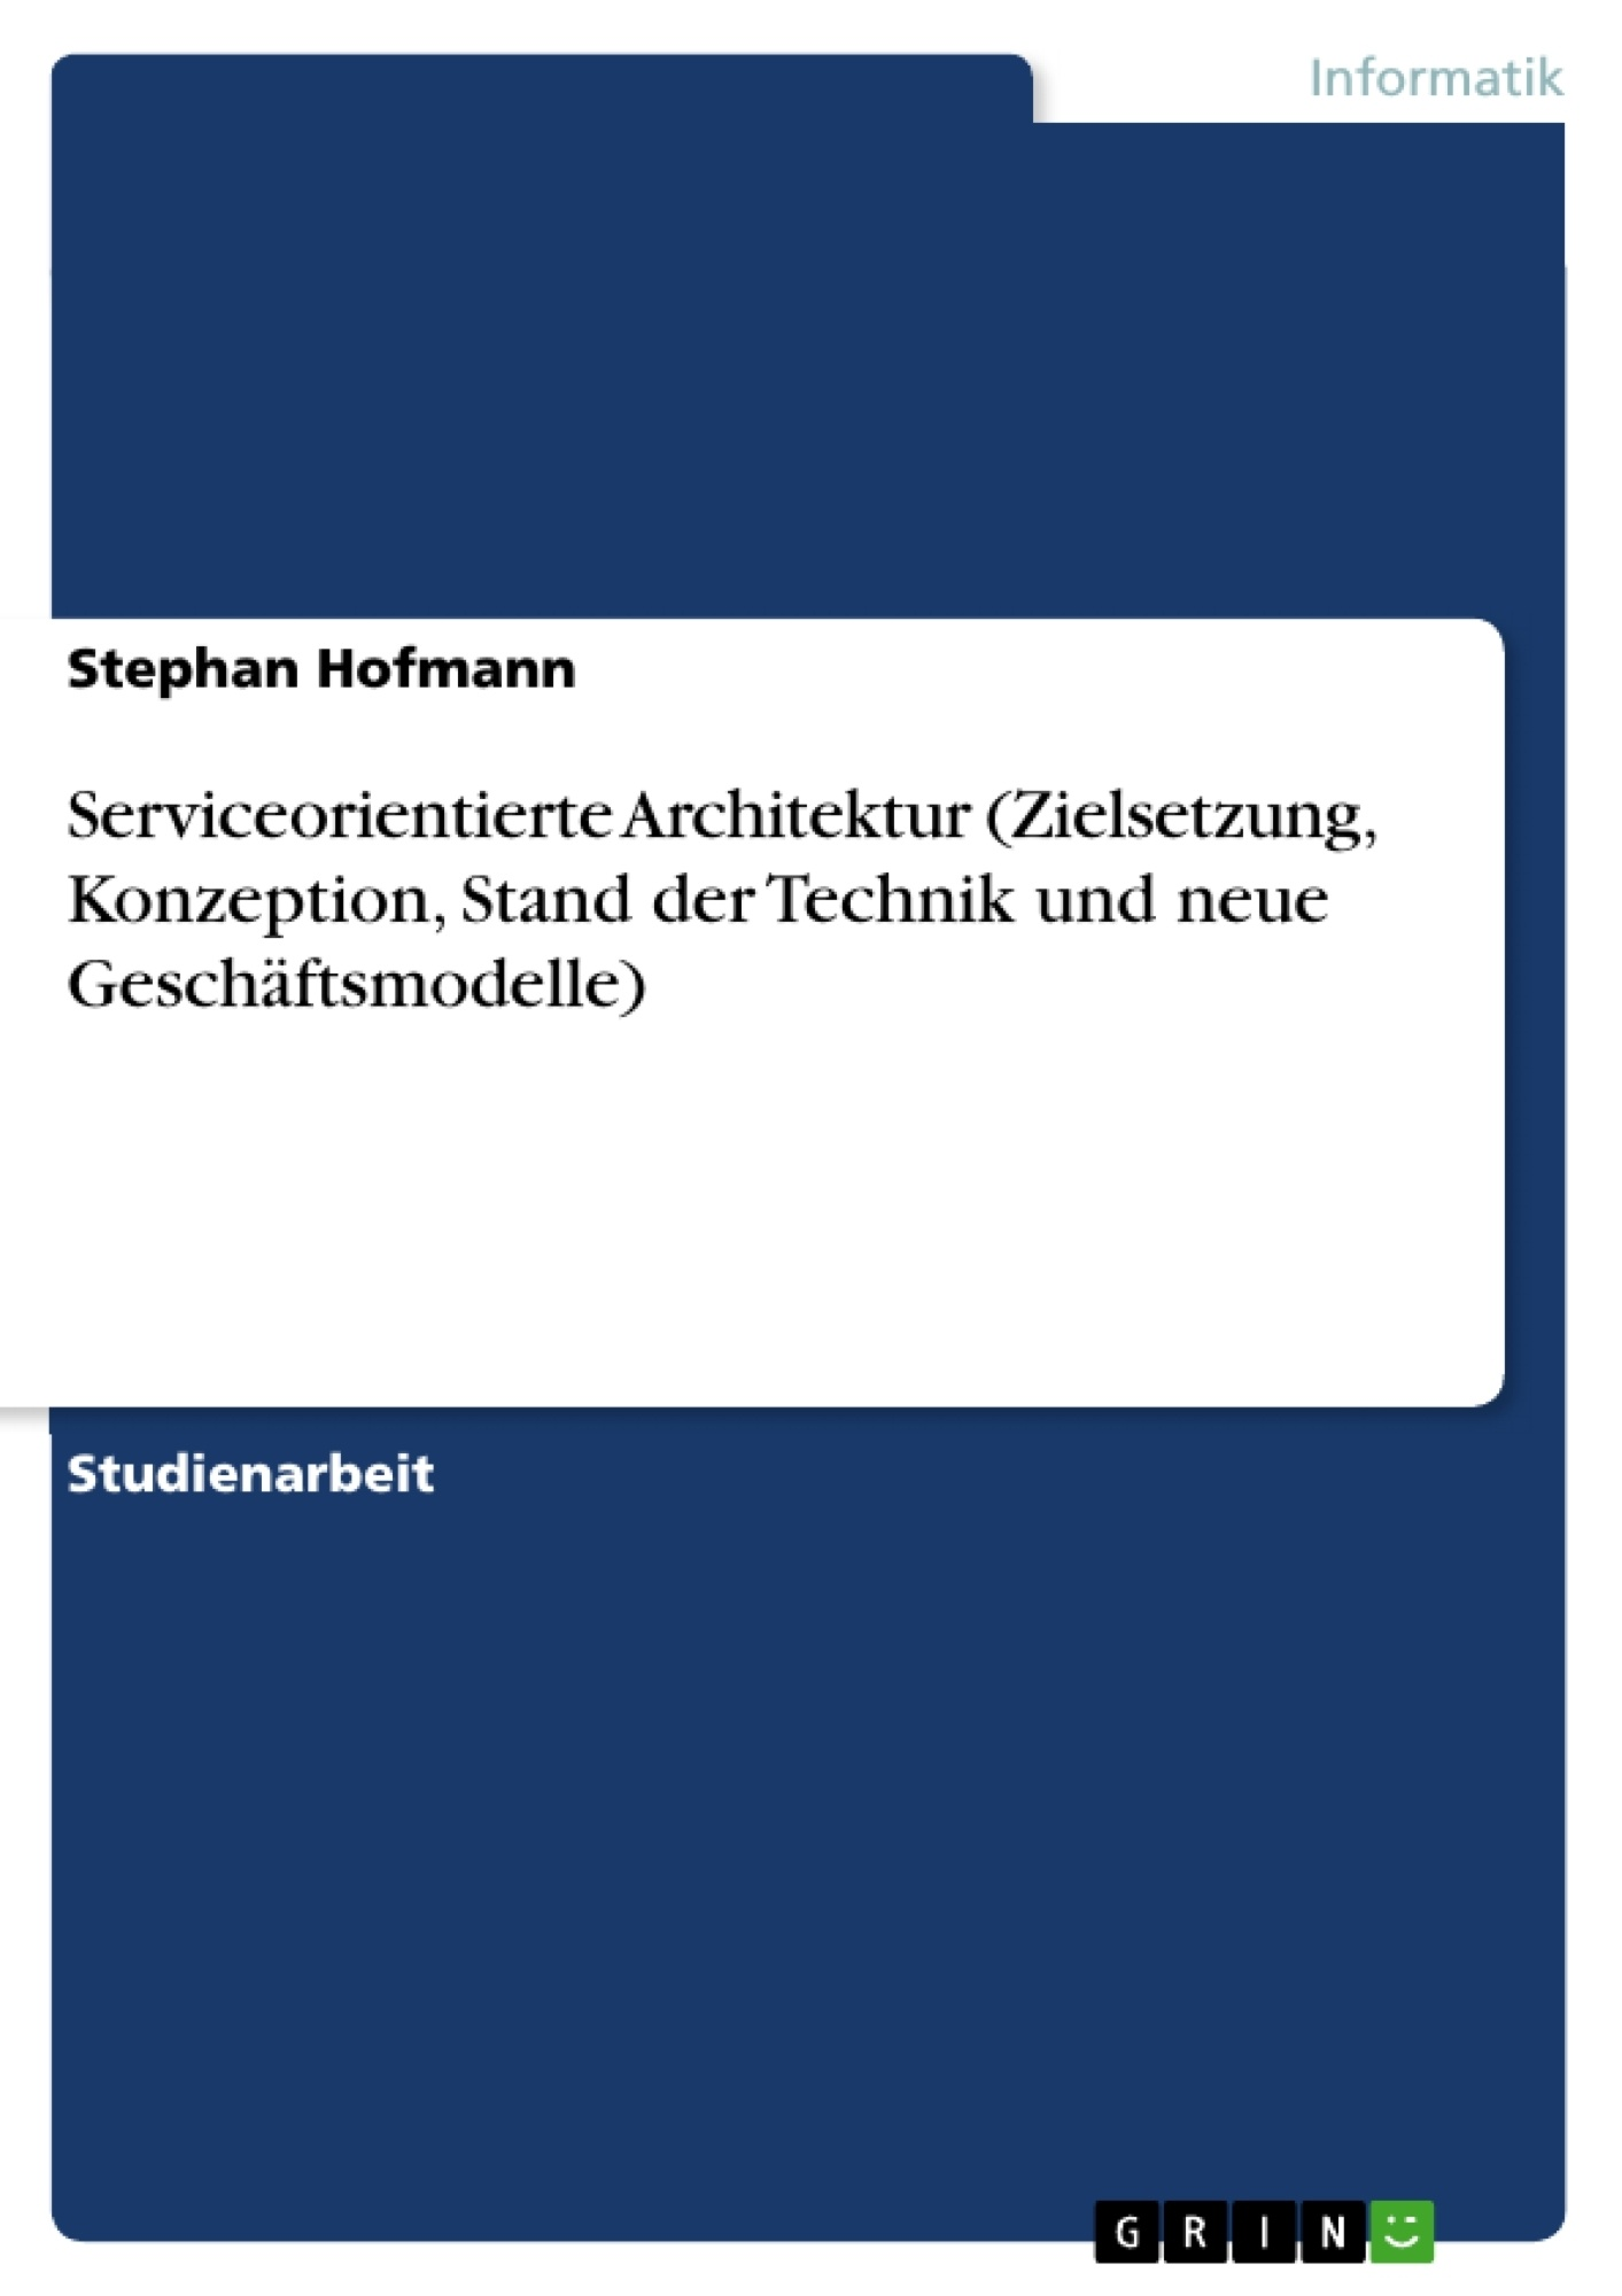 Titel: Serviceorientierte Architektur (Zielsetzung, Konzeption, Stand der Technik und neue Geschäftsmodelle)